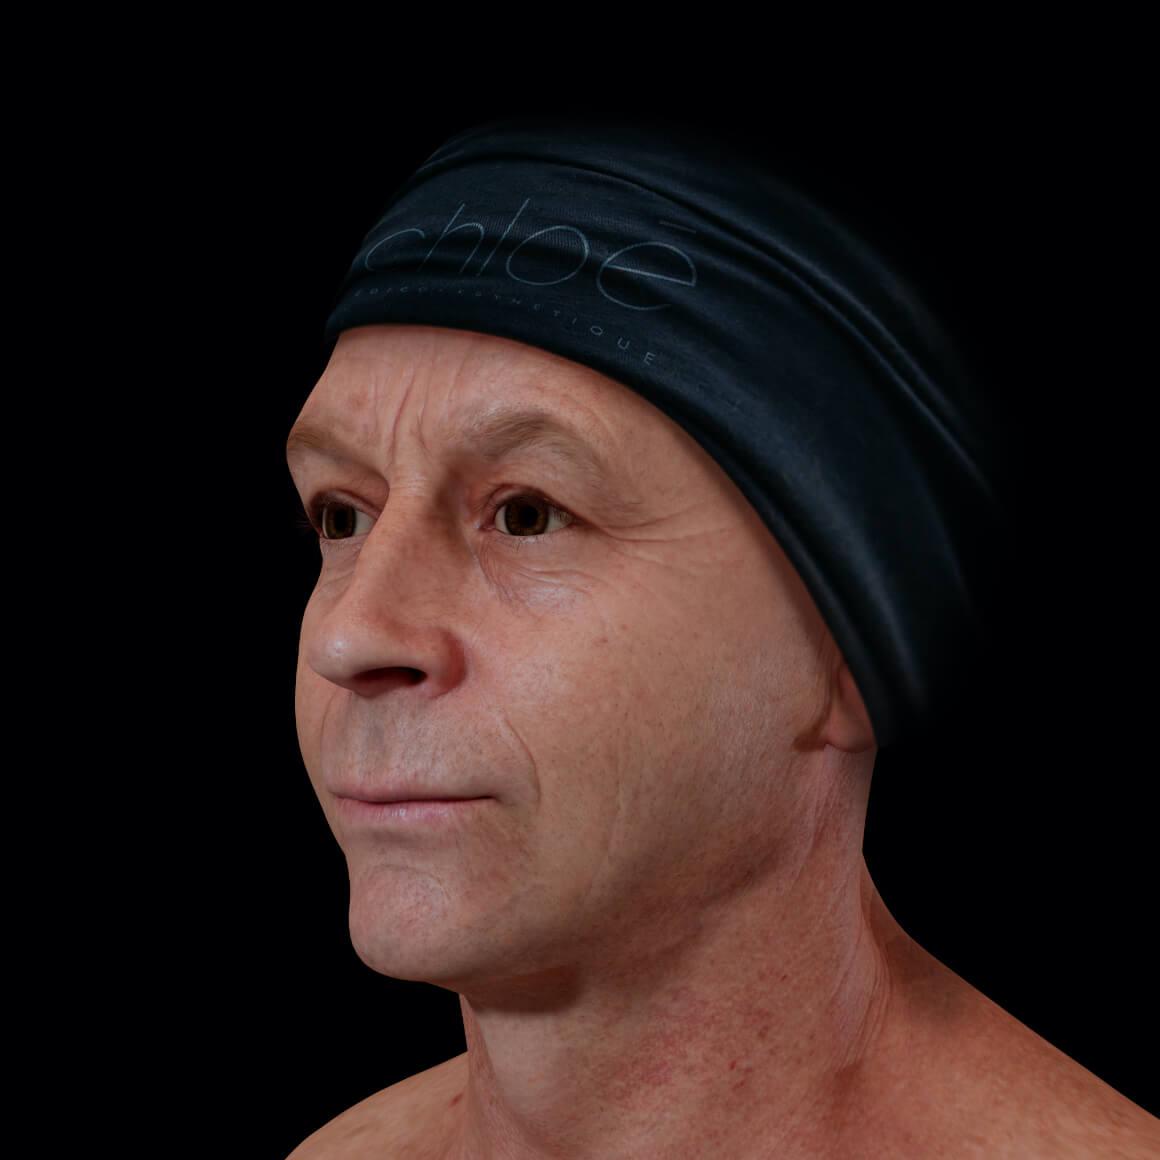 Patient de la Clinique Chloé positionné en angle après des traitements de microneedling contre les pores dilatés